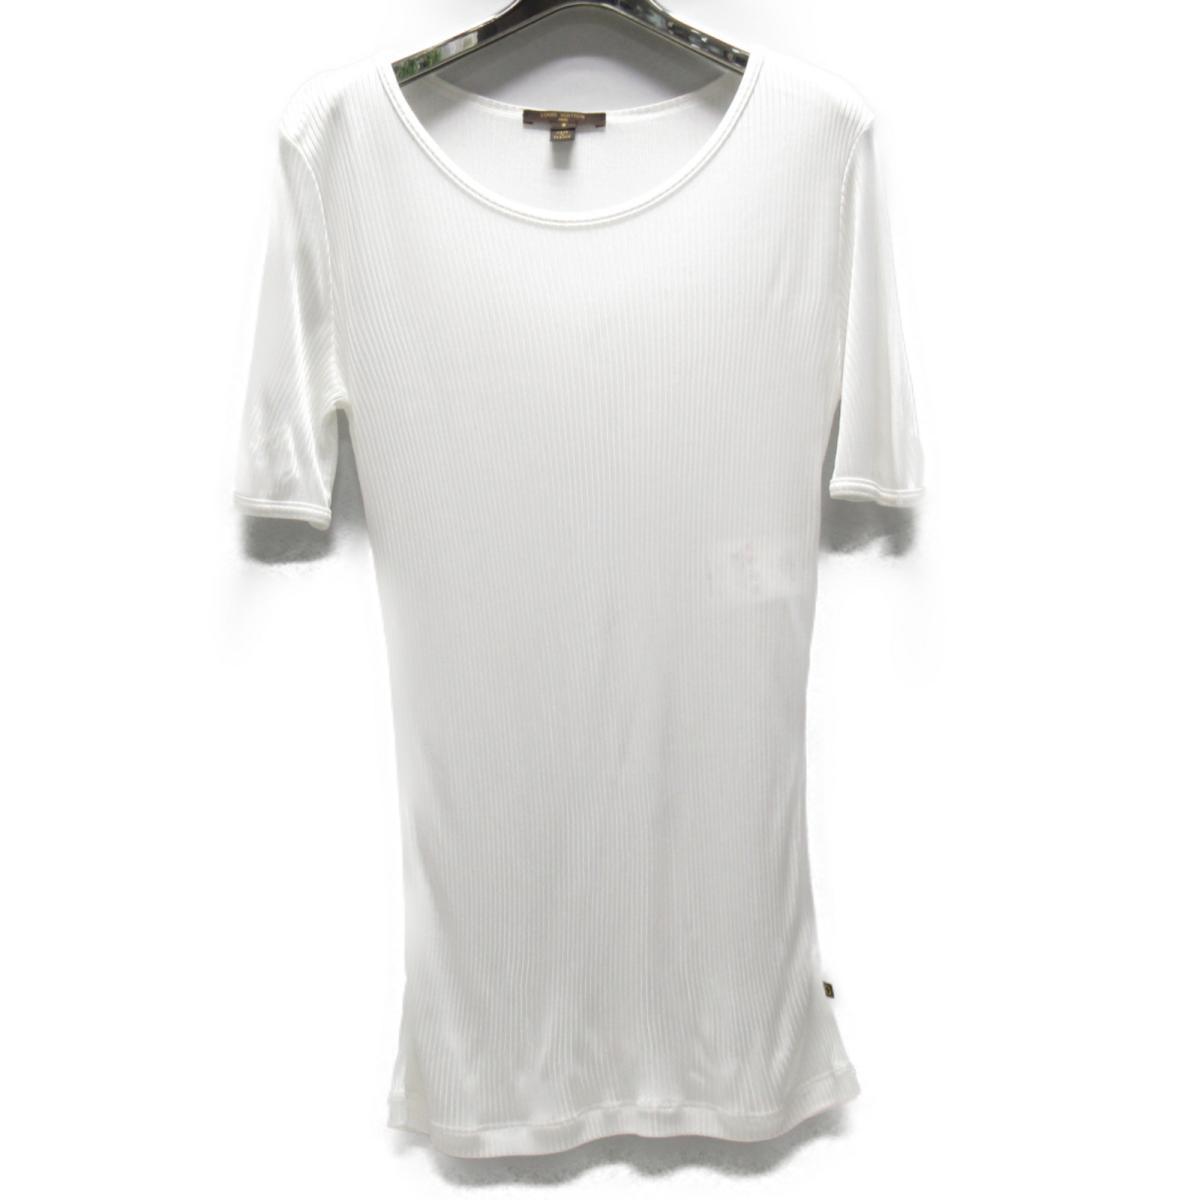 【中古】 ルイヴィトン トップス レディース レーヨン ホワイト | LOUIS VUITTON BRANDOFF ブランドオフ ヴィトン ビトン ルイ・ヴィトン 衣料品 衣類 ブランド Tシャツ シャツ カットソー